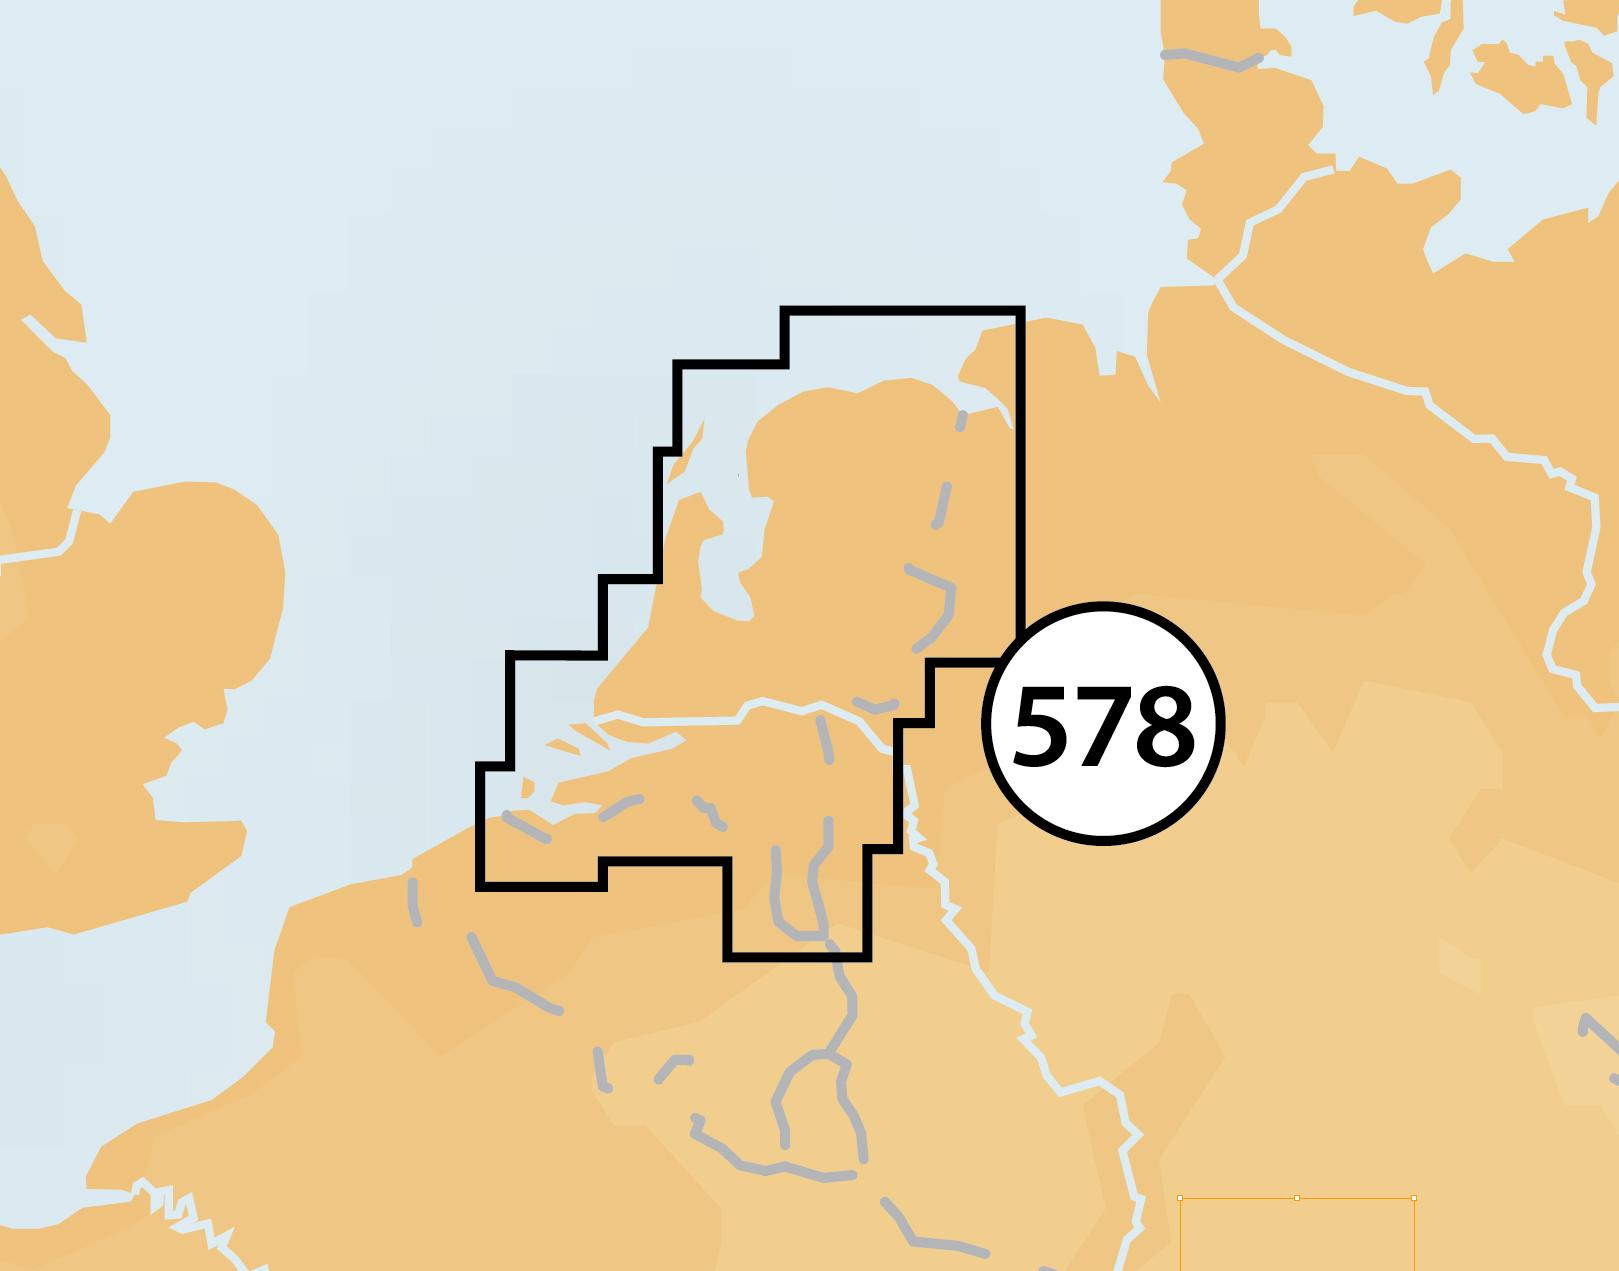 Neue Navionics+ Small Abdeckung für die niederländischen Binnengewässer